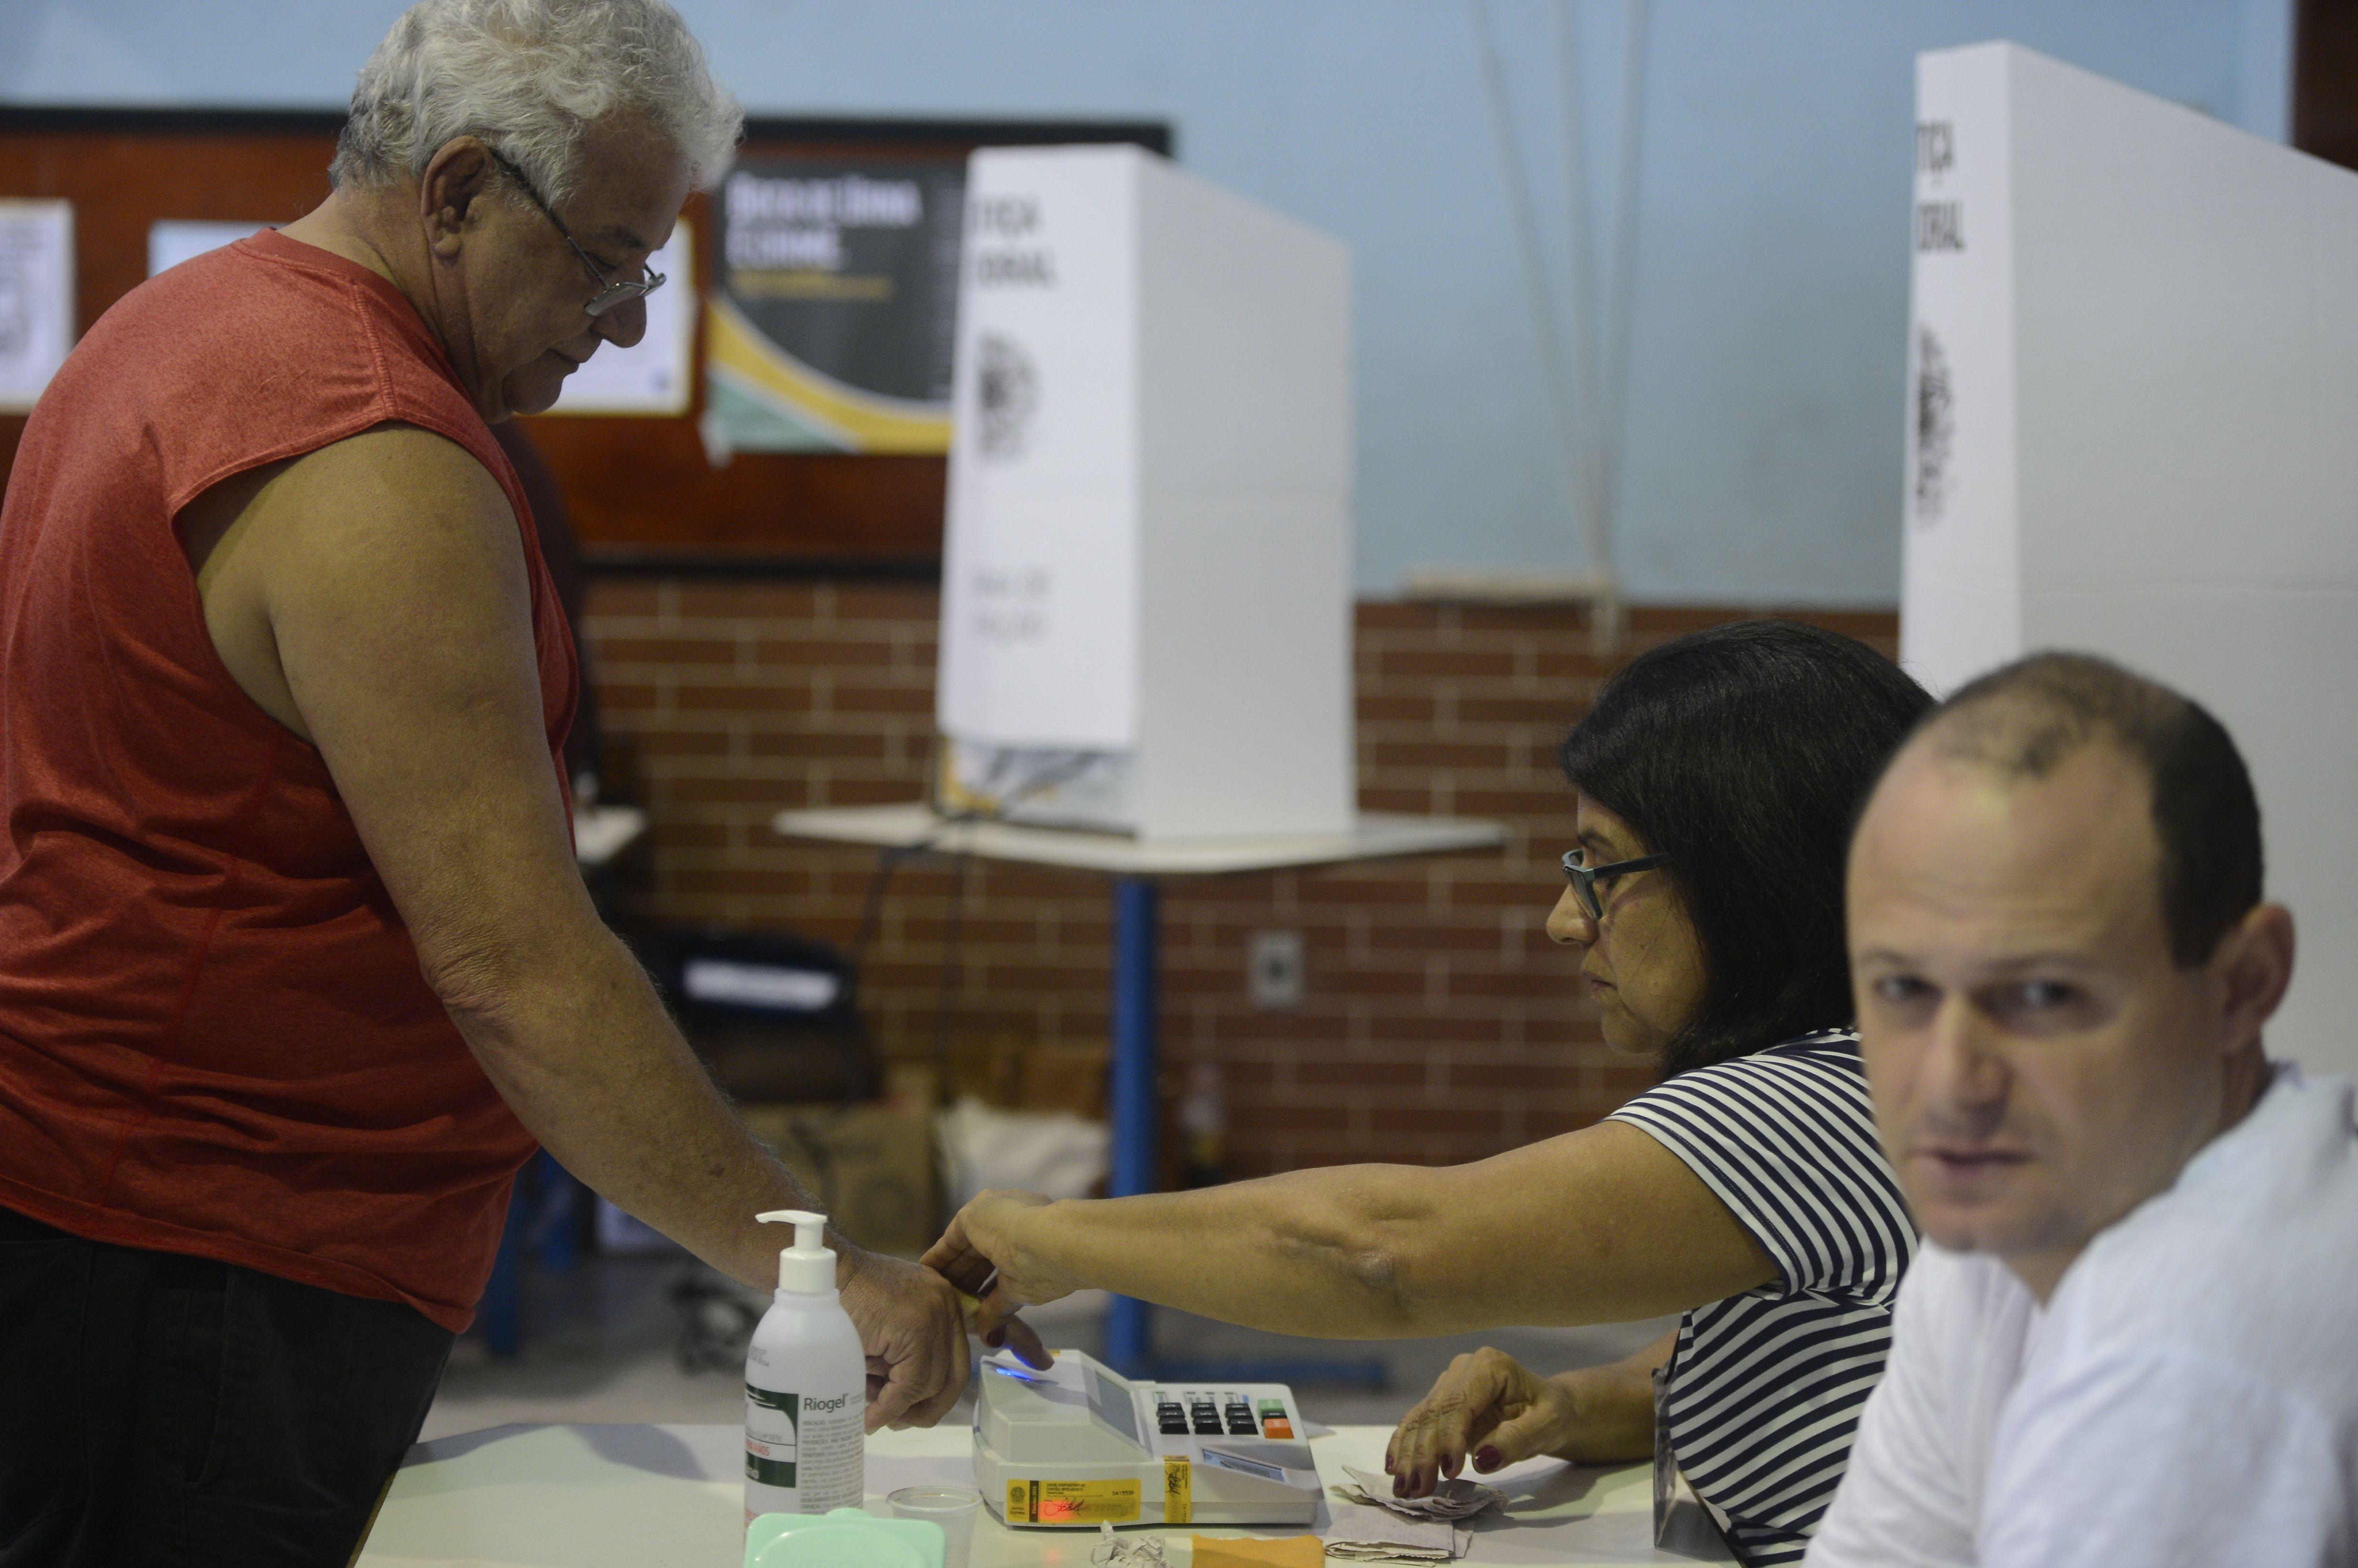 Eleitores de todo o Brasil vão às urnas para escolher prefeitos - Tânia Rêgo/Agência Brasil/ND